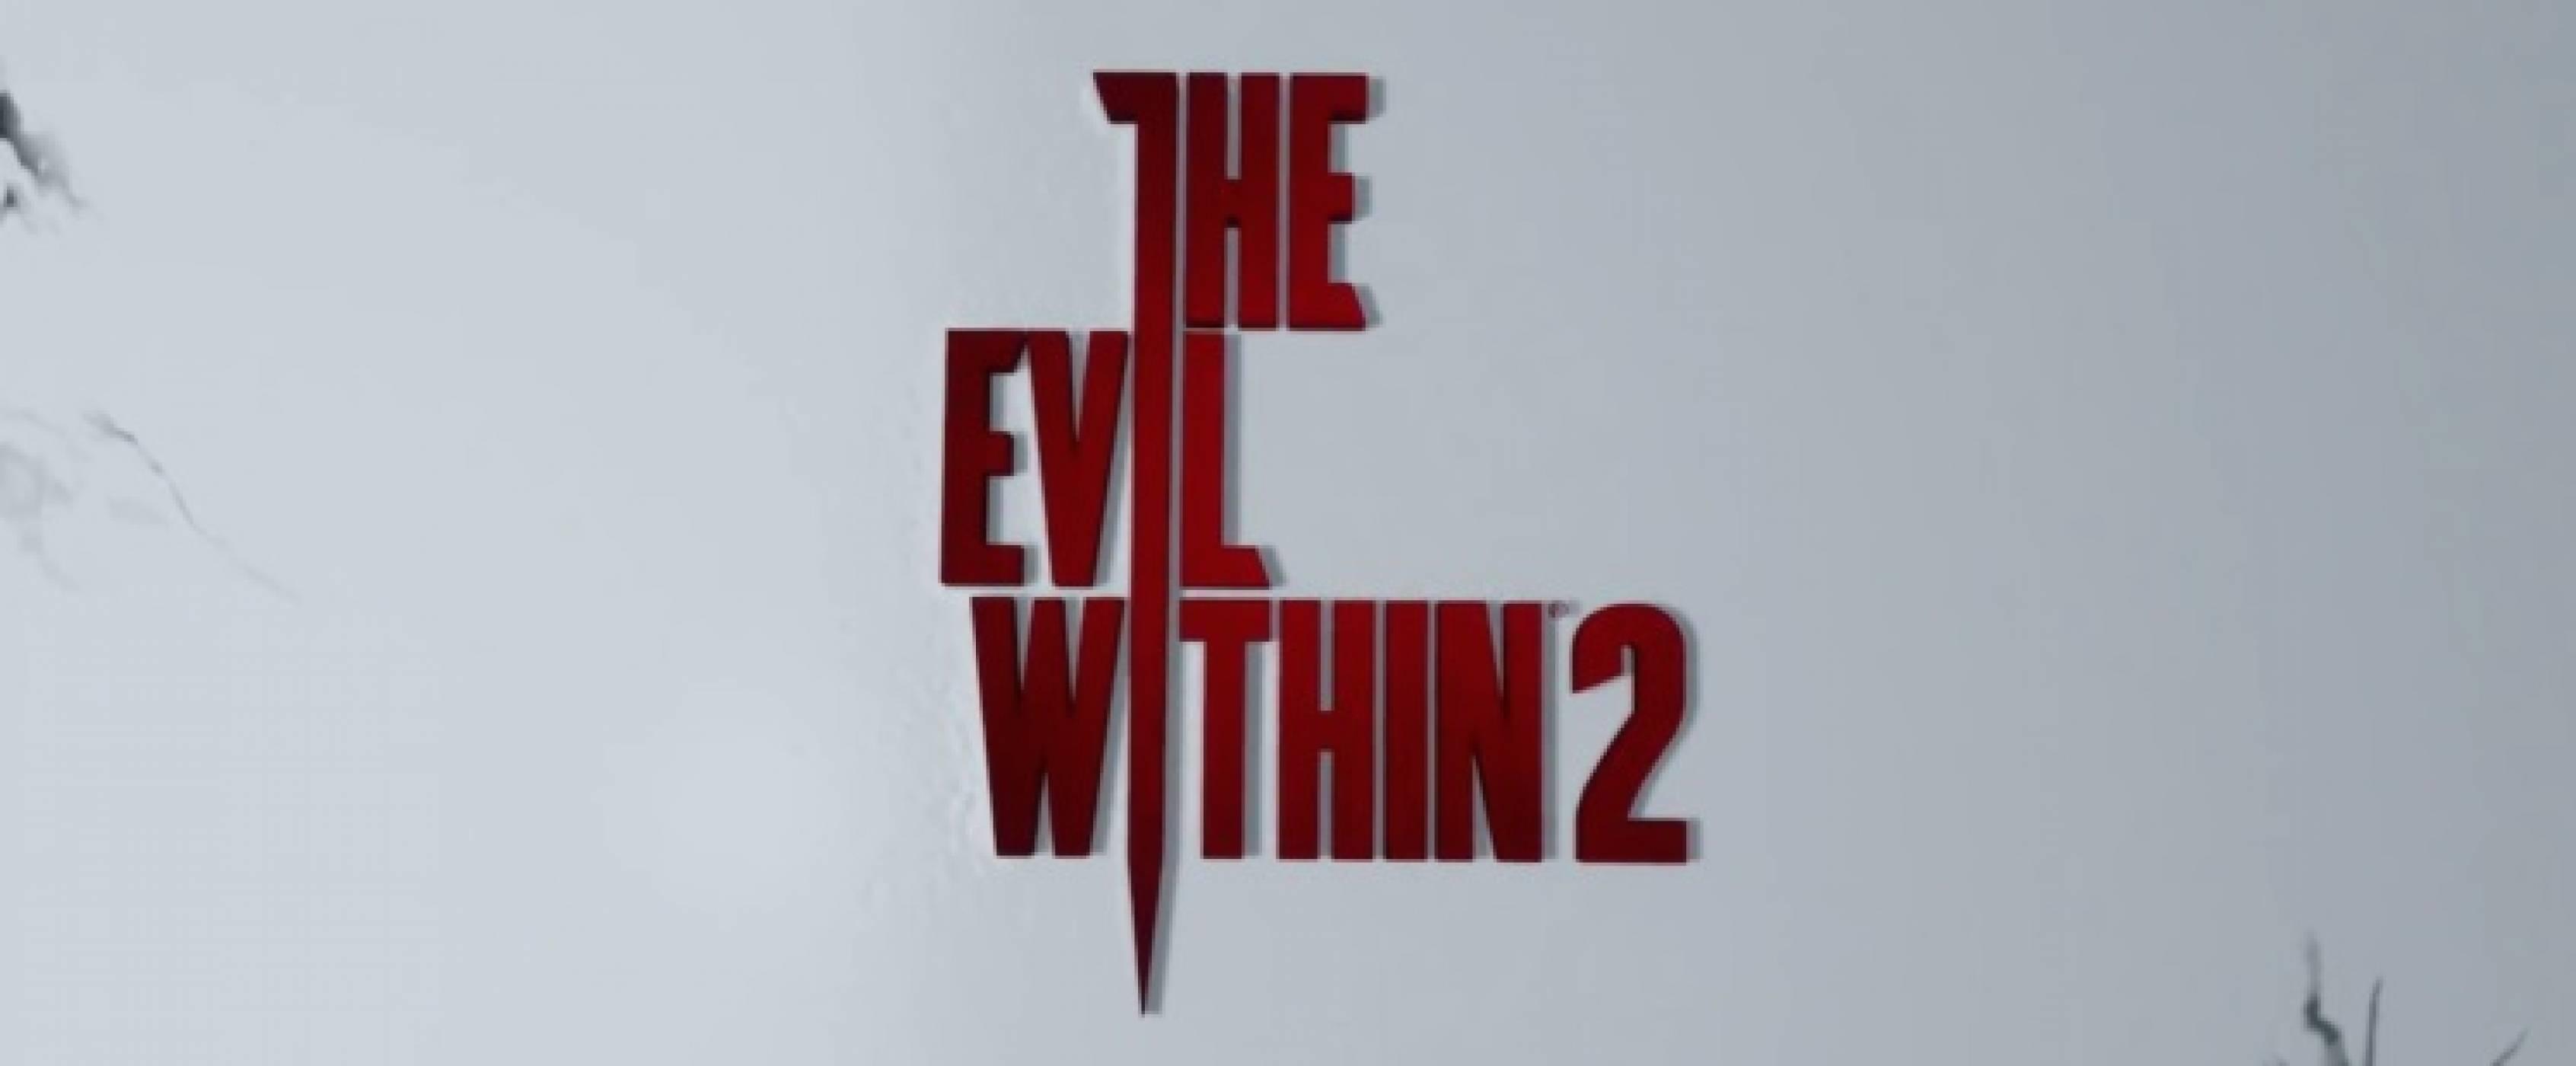 The Evil Within 2 с премиера на петък 13-и